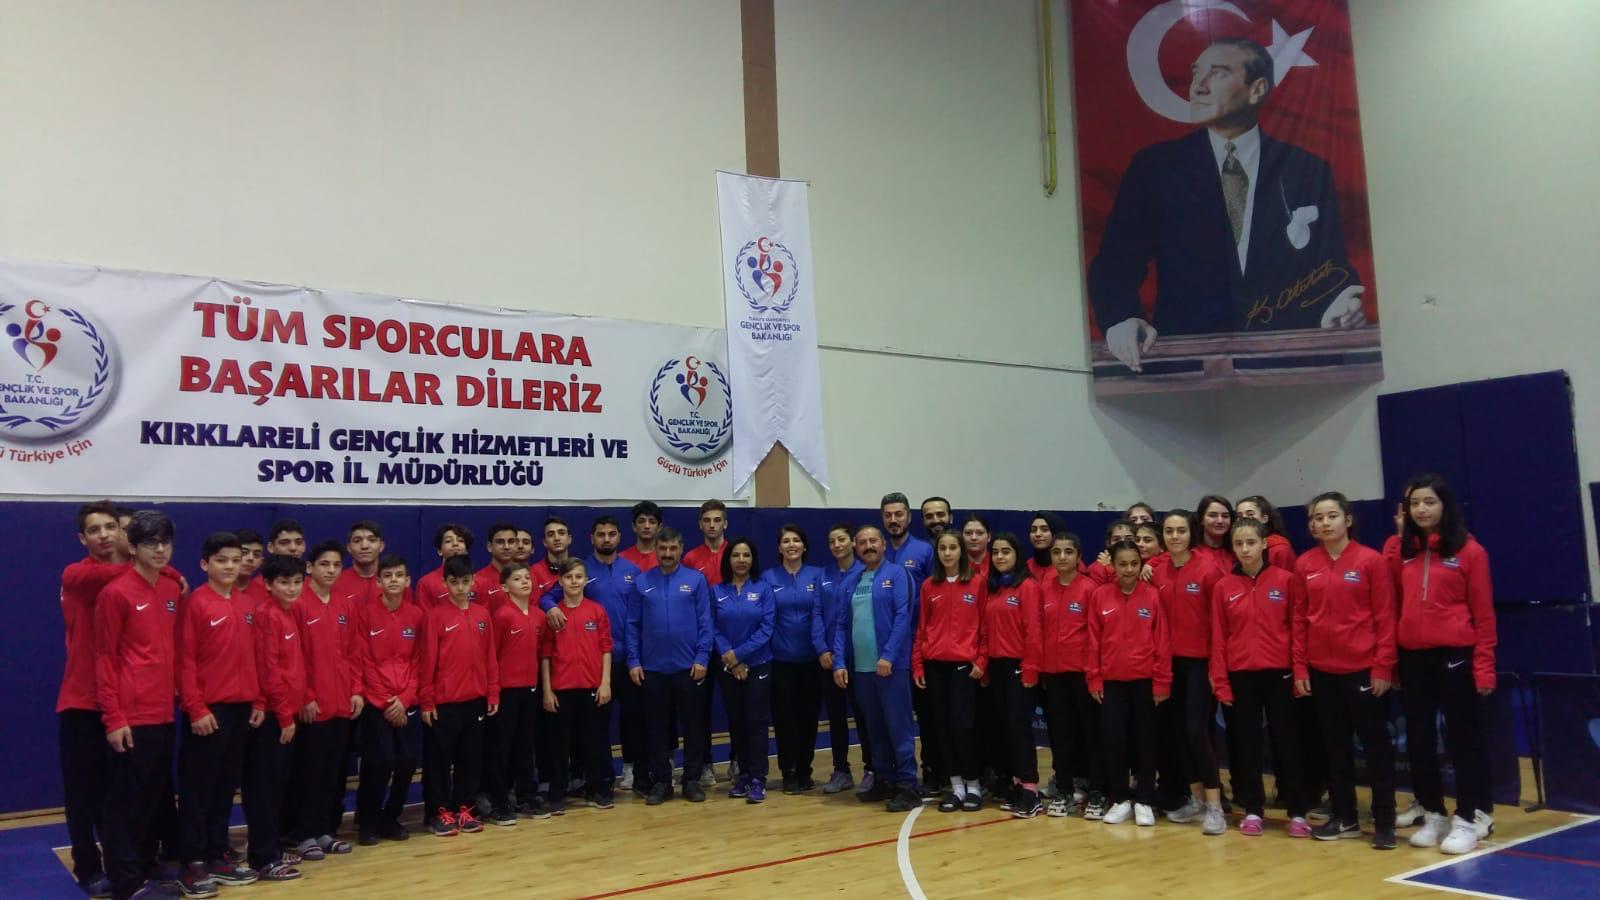 Judo Anadolu yıldızlar liginde sporcularımız - HABERLER - MAVİ HALİÇ Gençlik ve Spor Kulübü Derneği | Mavi Haliç